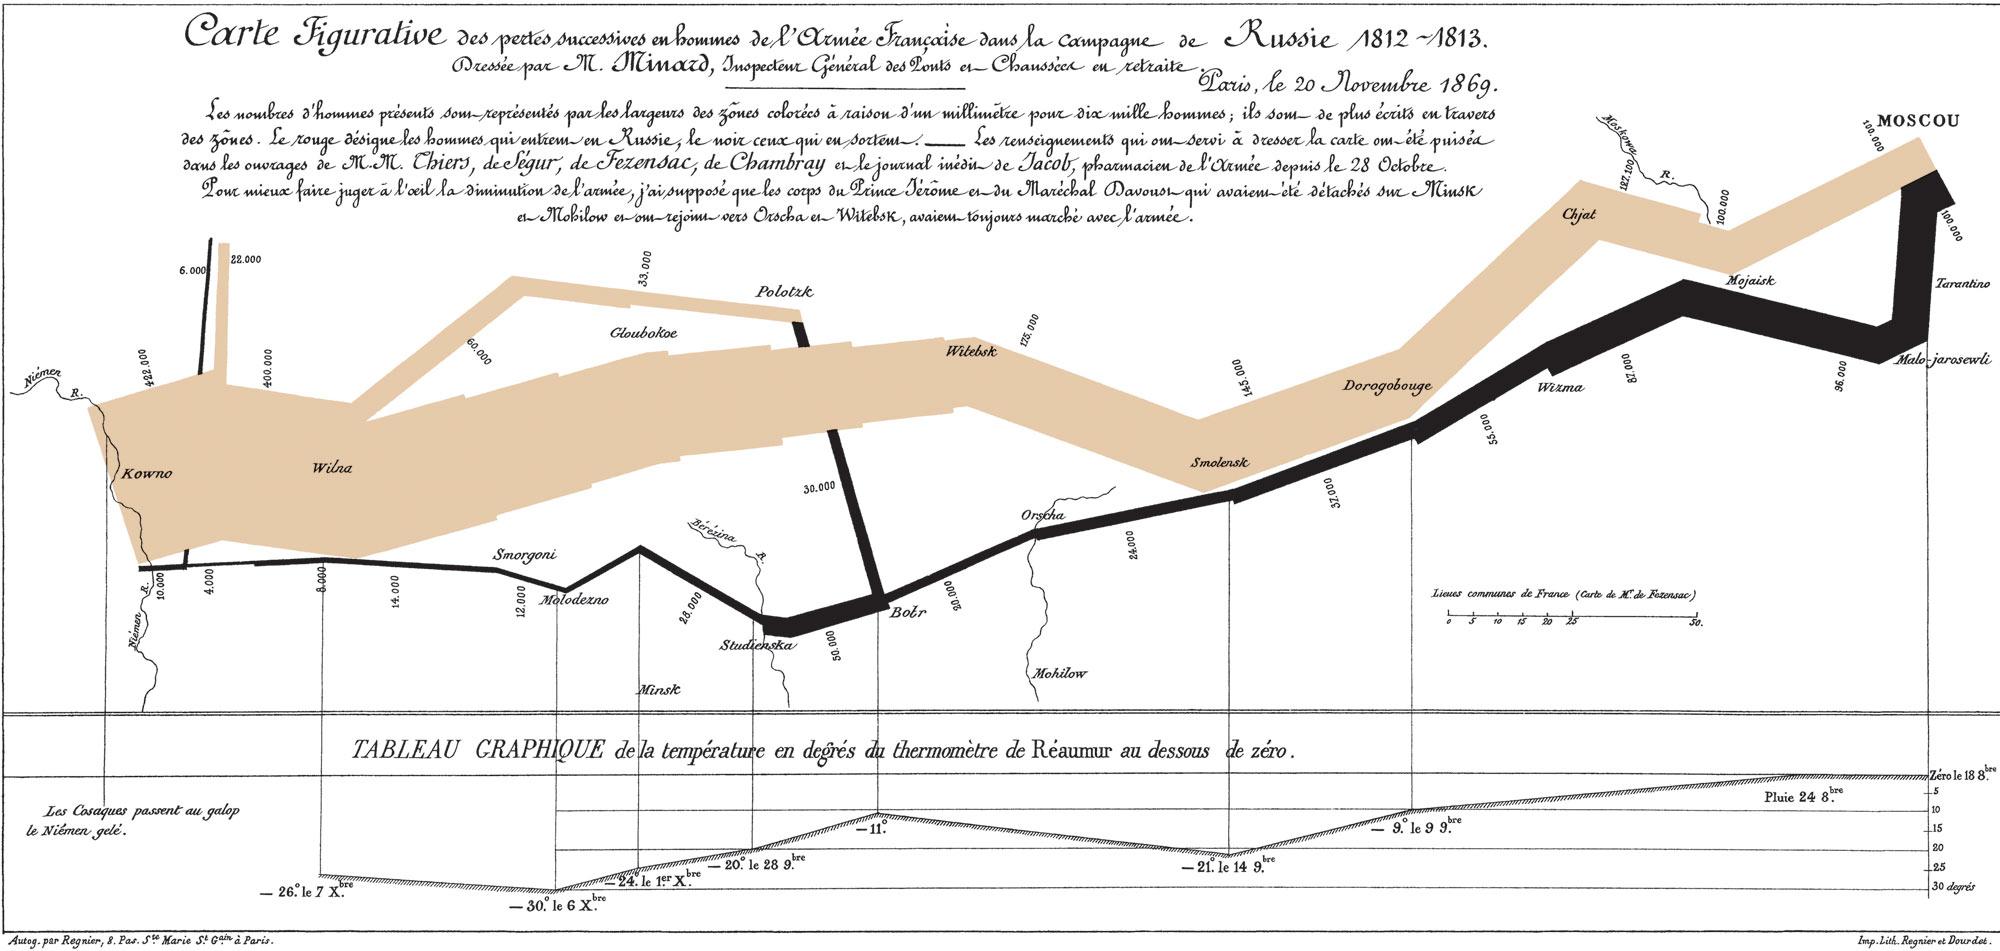 minardmap1